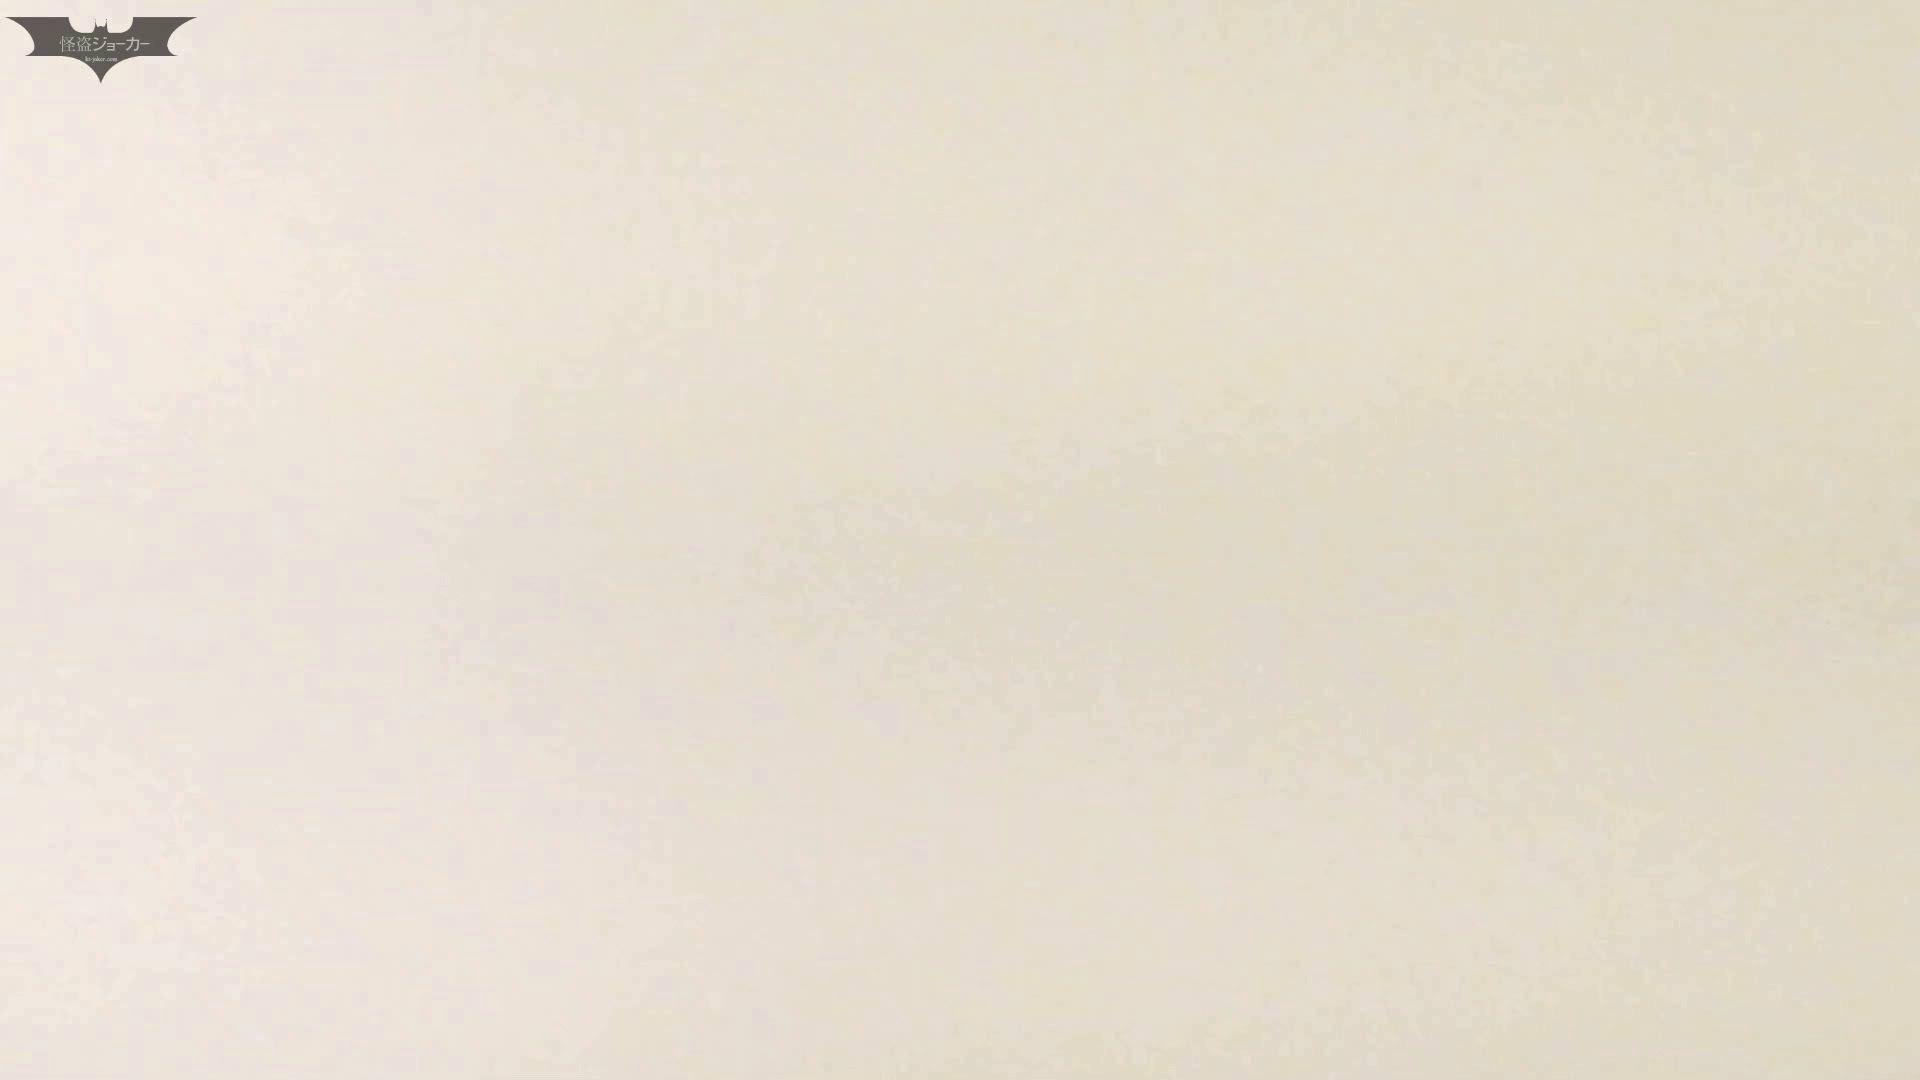 新世界の射窓 No64日本ギャル登場か?ハイヒール大特集! 洗面所着替え   ギャル・コレクション  95連発 29